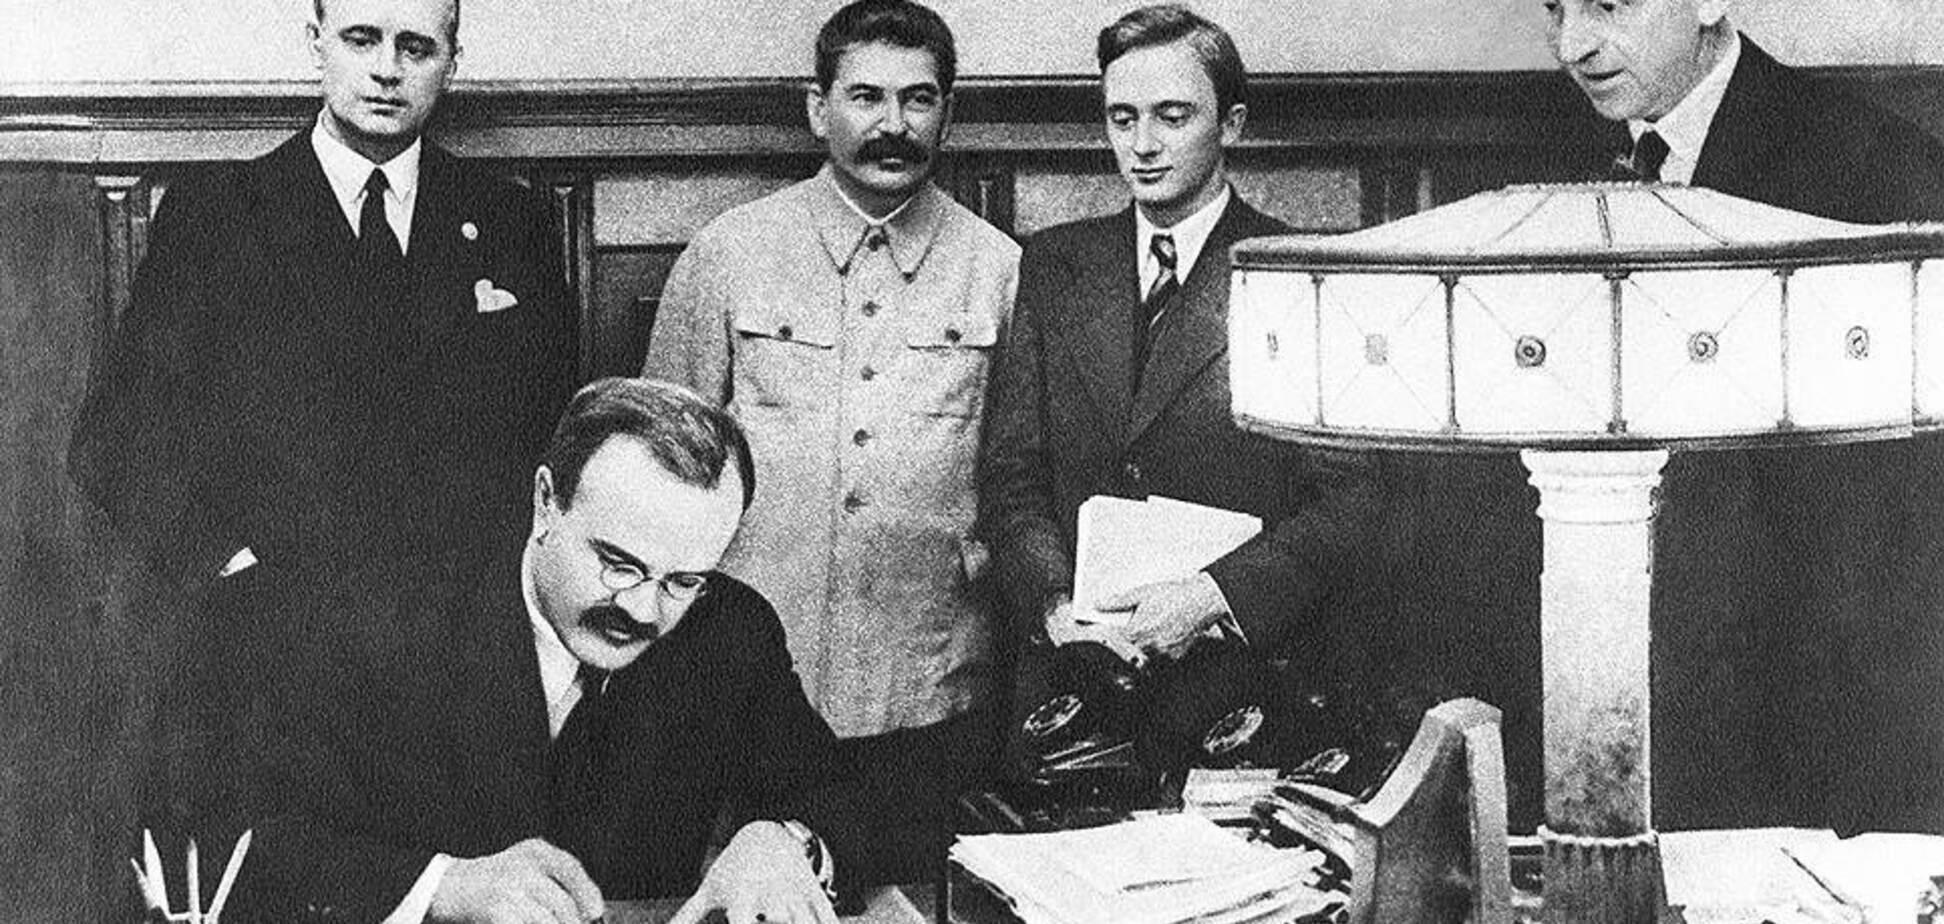 Зеленский обвинил СССР в разжигании войны: в Кремле обиделись